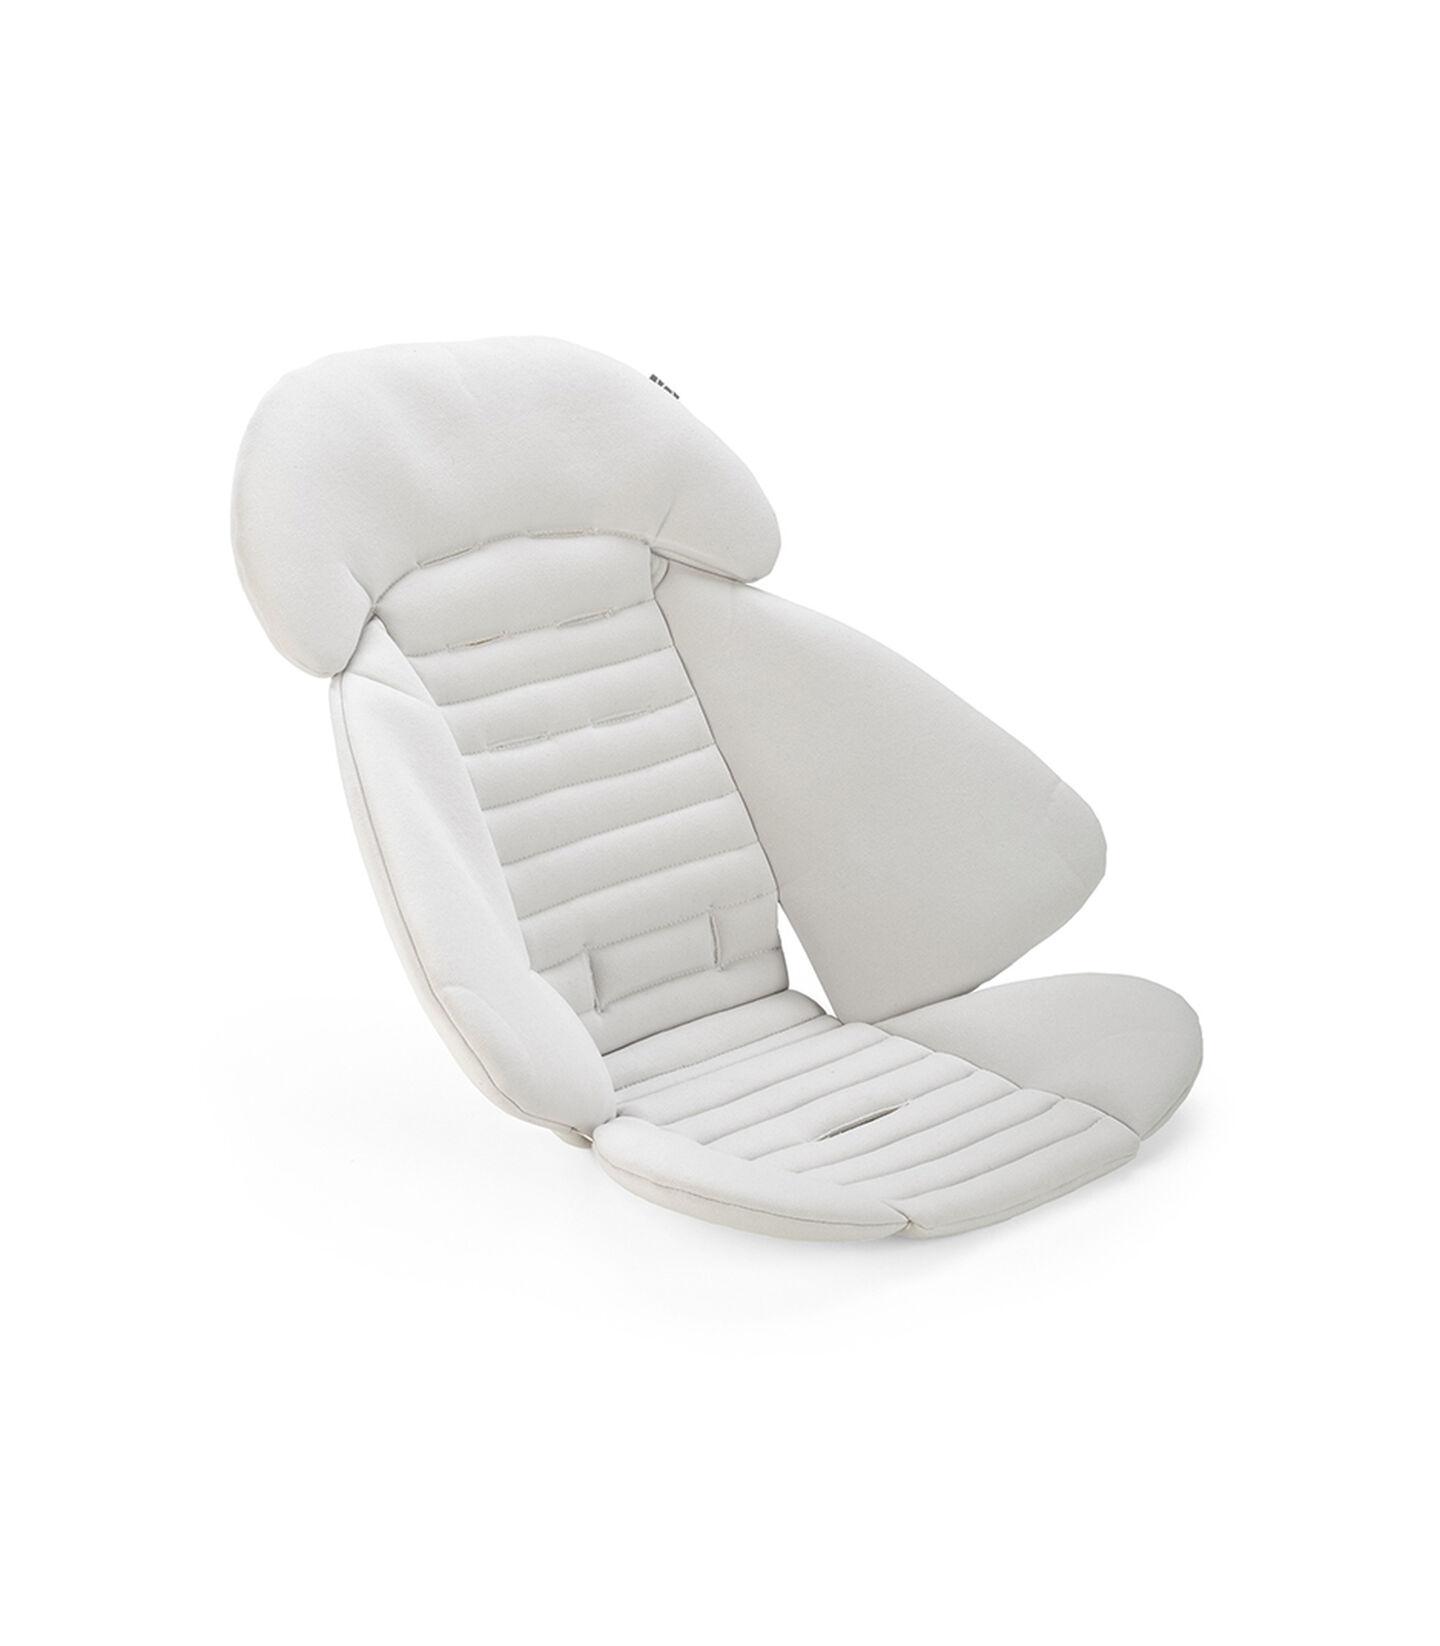 Wkładka do siedziska wózków Stokke® w kolorze Grey, Grey, mainview view 2